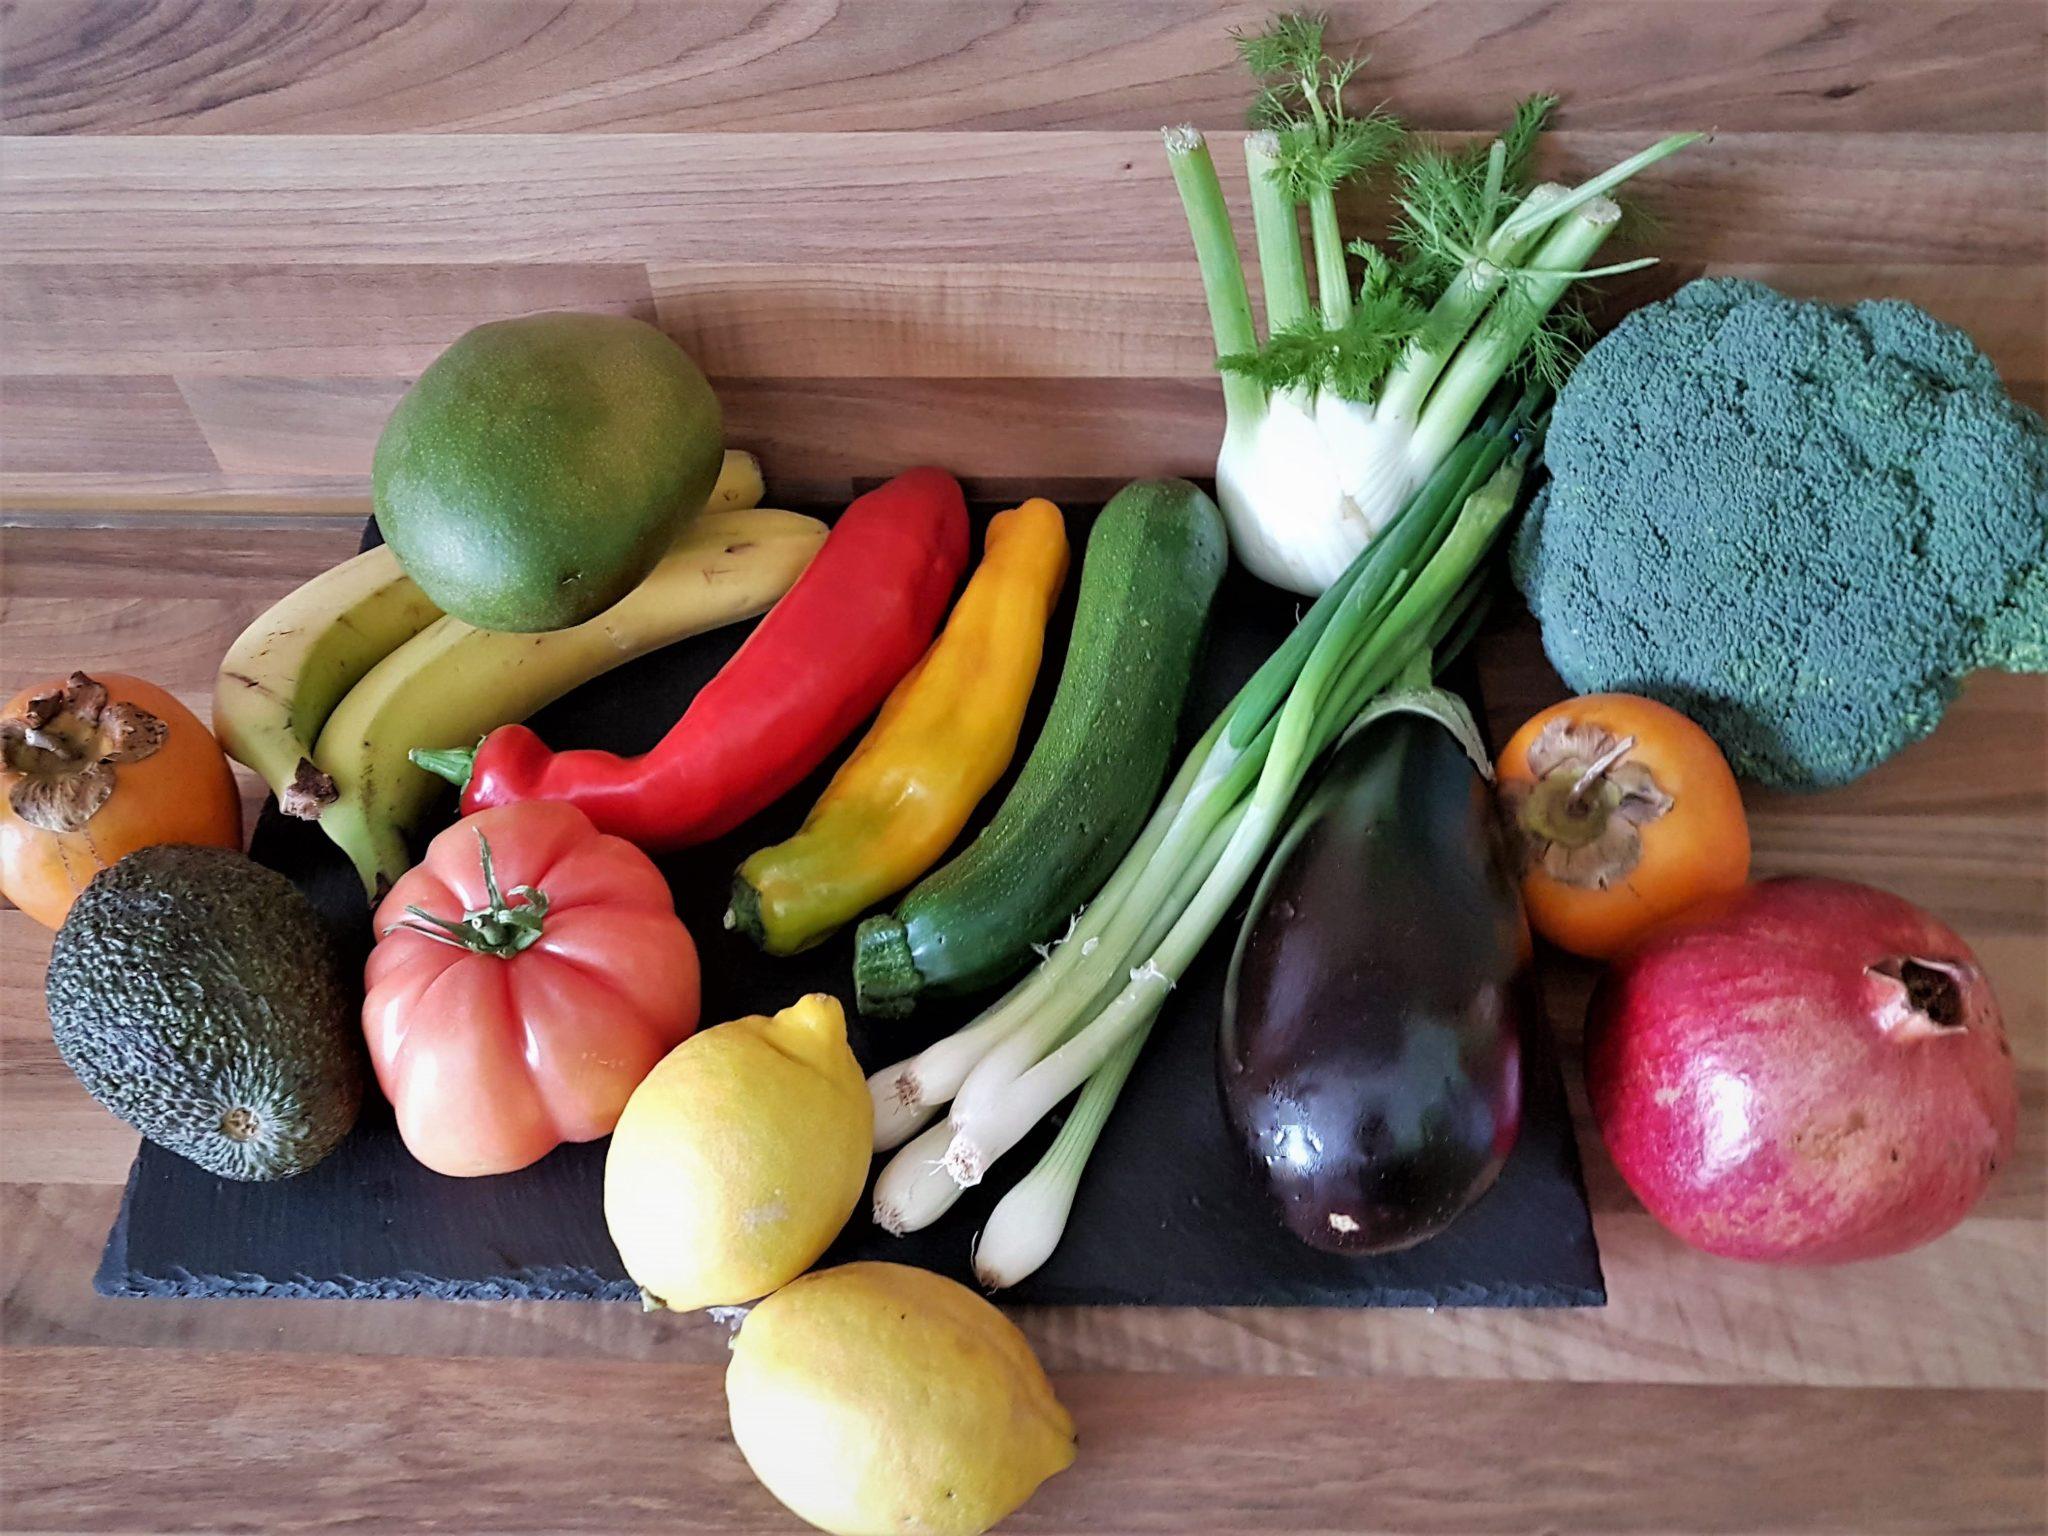 frisches Gemüse und Obst, Vitamine, gesunde Ernährung